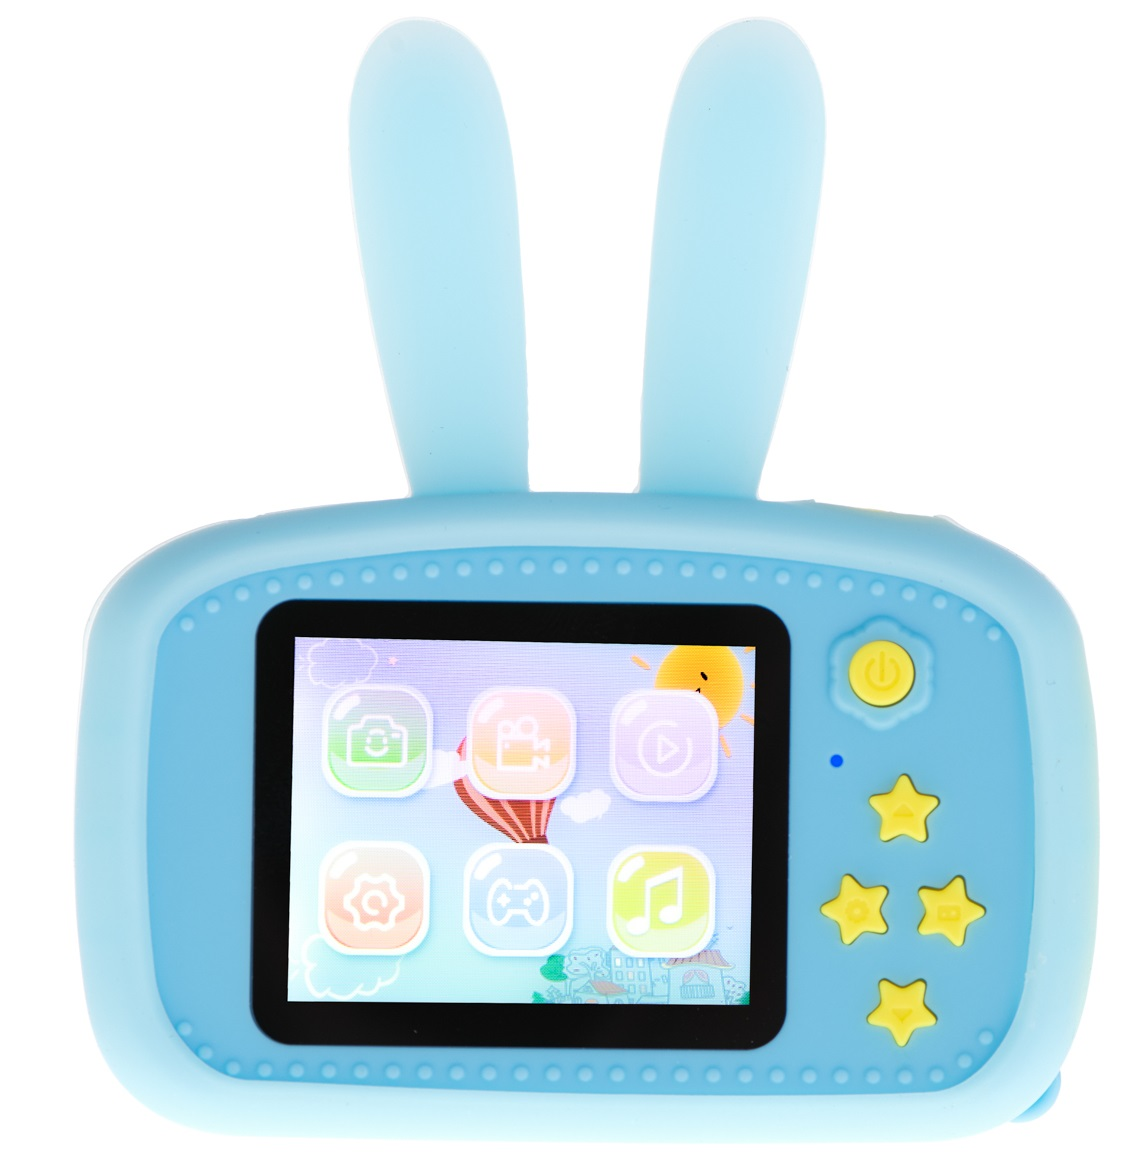 Aparat Cyfrowy Kamera dla Dzieci LCD KRÓLIK GRY Waga produktu z opakowaniem jednostkowym 0.15 kg